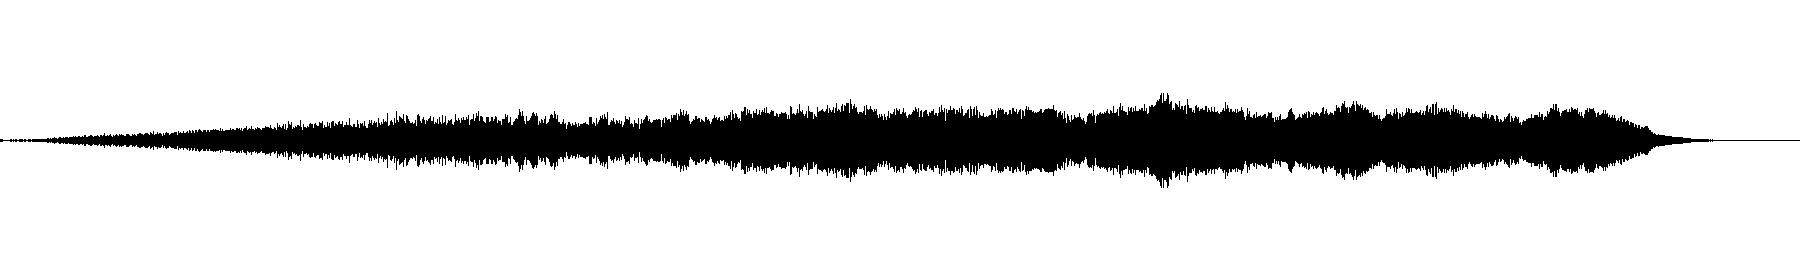 str glissoct 08 xs